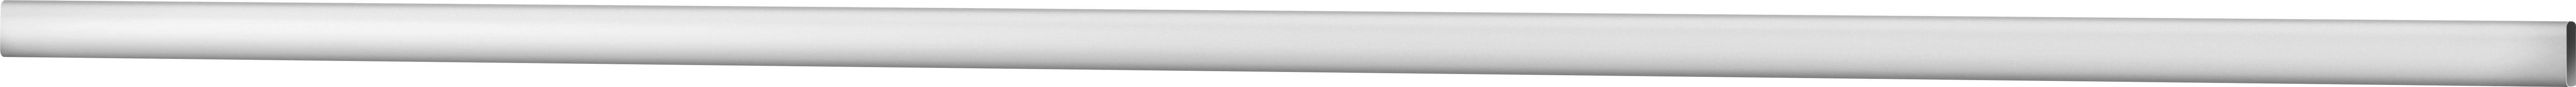 KLEIDERSTANGE für 100er Elemente Chromfarben - Chromfarben, Metall (100cm) - HOM`IN